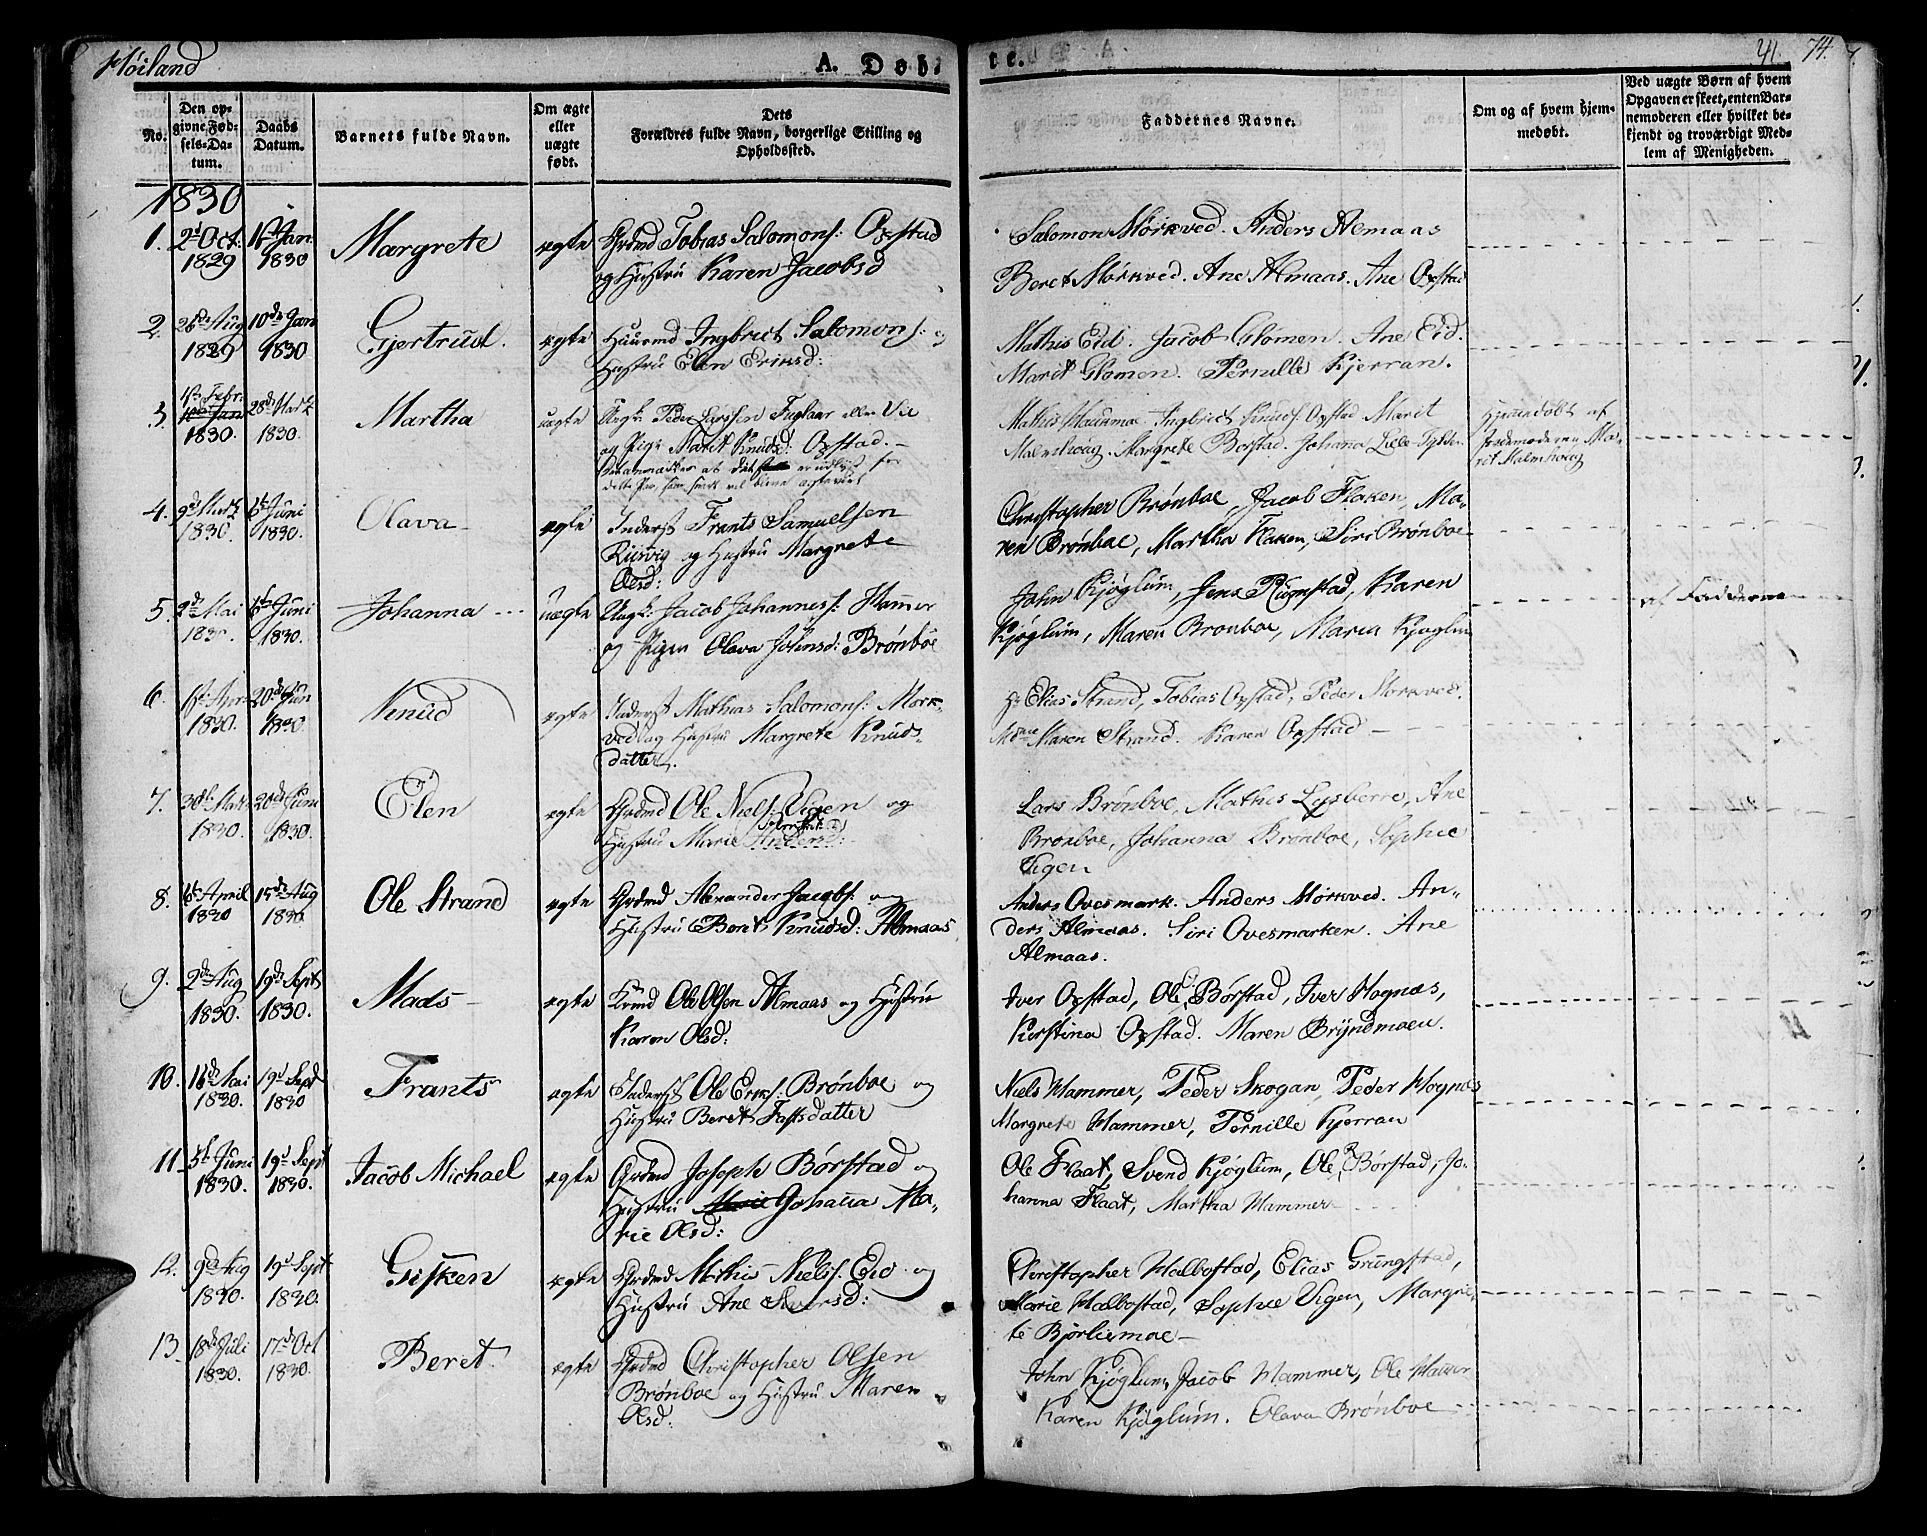 SAT, Ministerialprotokoller, klokkerbøker og fødselsregistre - Nord-Trøndelag, 758/L0510: Ministerialbok nr. 758A01 /2, 1821-1841, s. 41